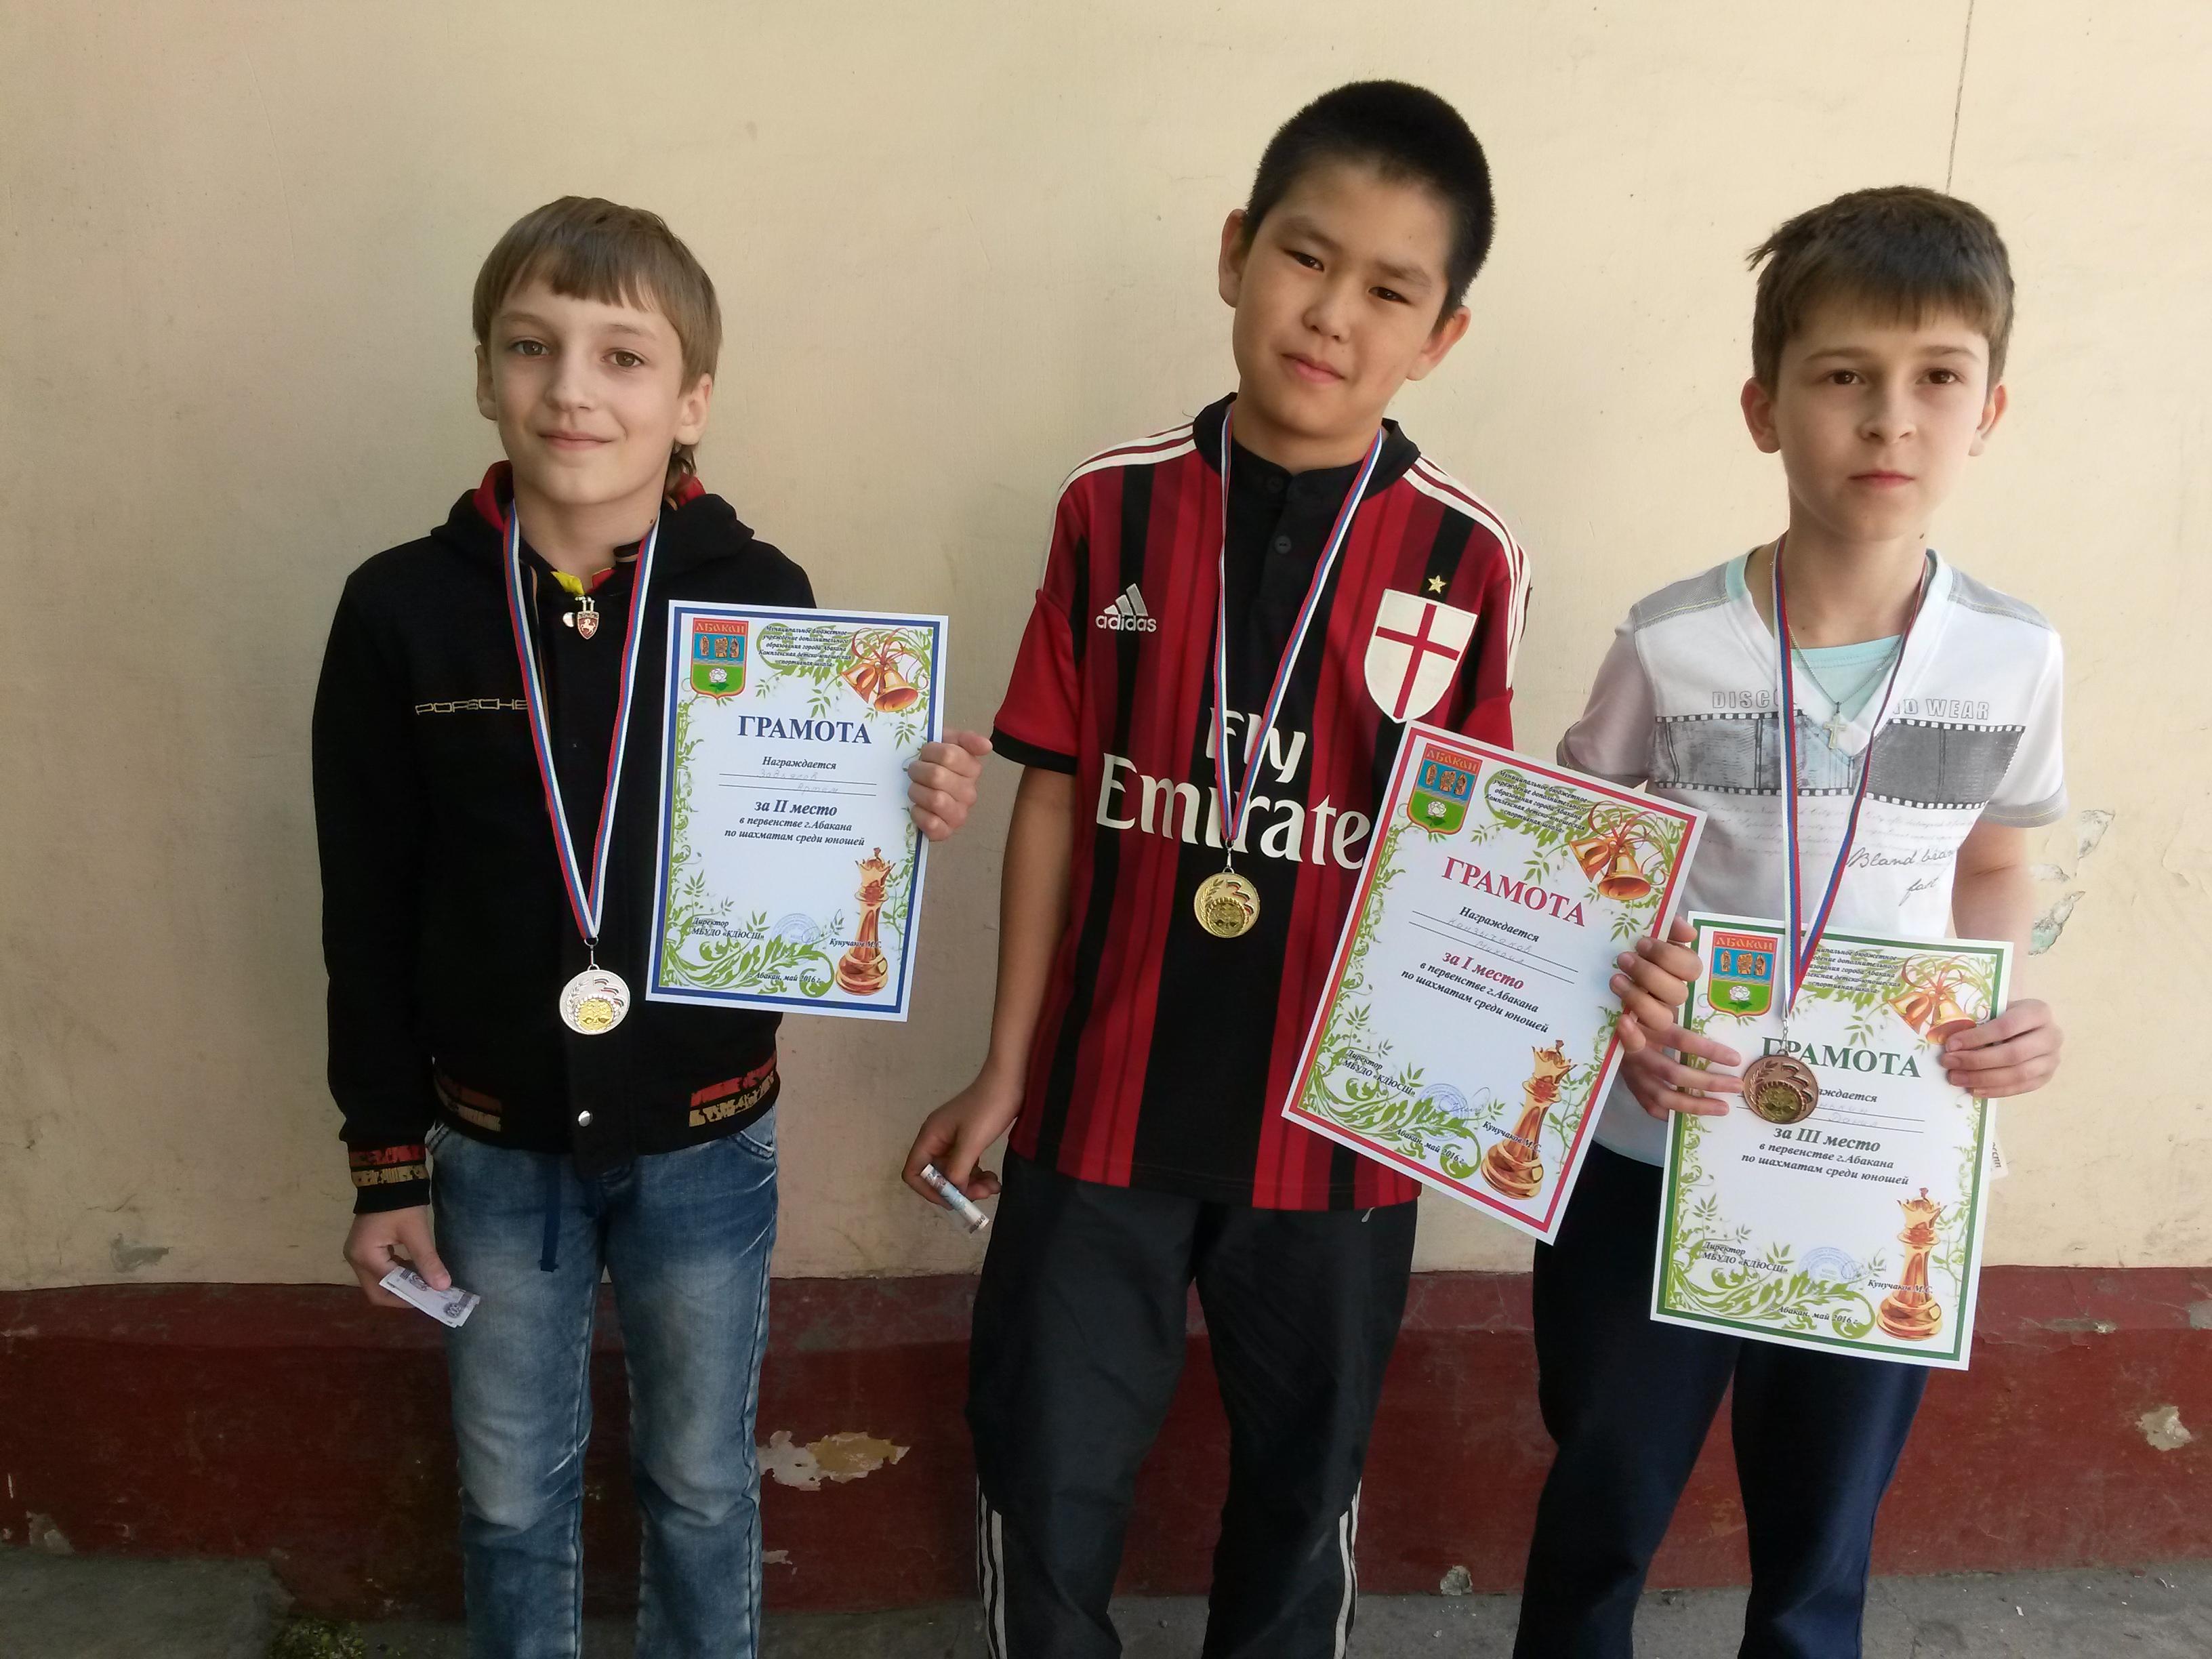 Лучшие шахматисты среди школьников города. Слева на право: Артём Завьялов(серебро), Михаил Канзычаков(золото), Данил Гунькин(бронза).